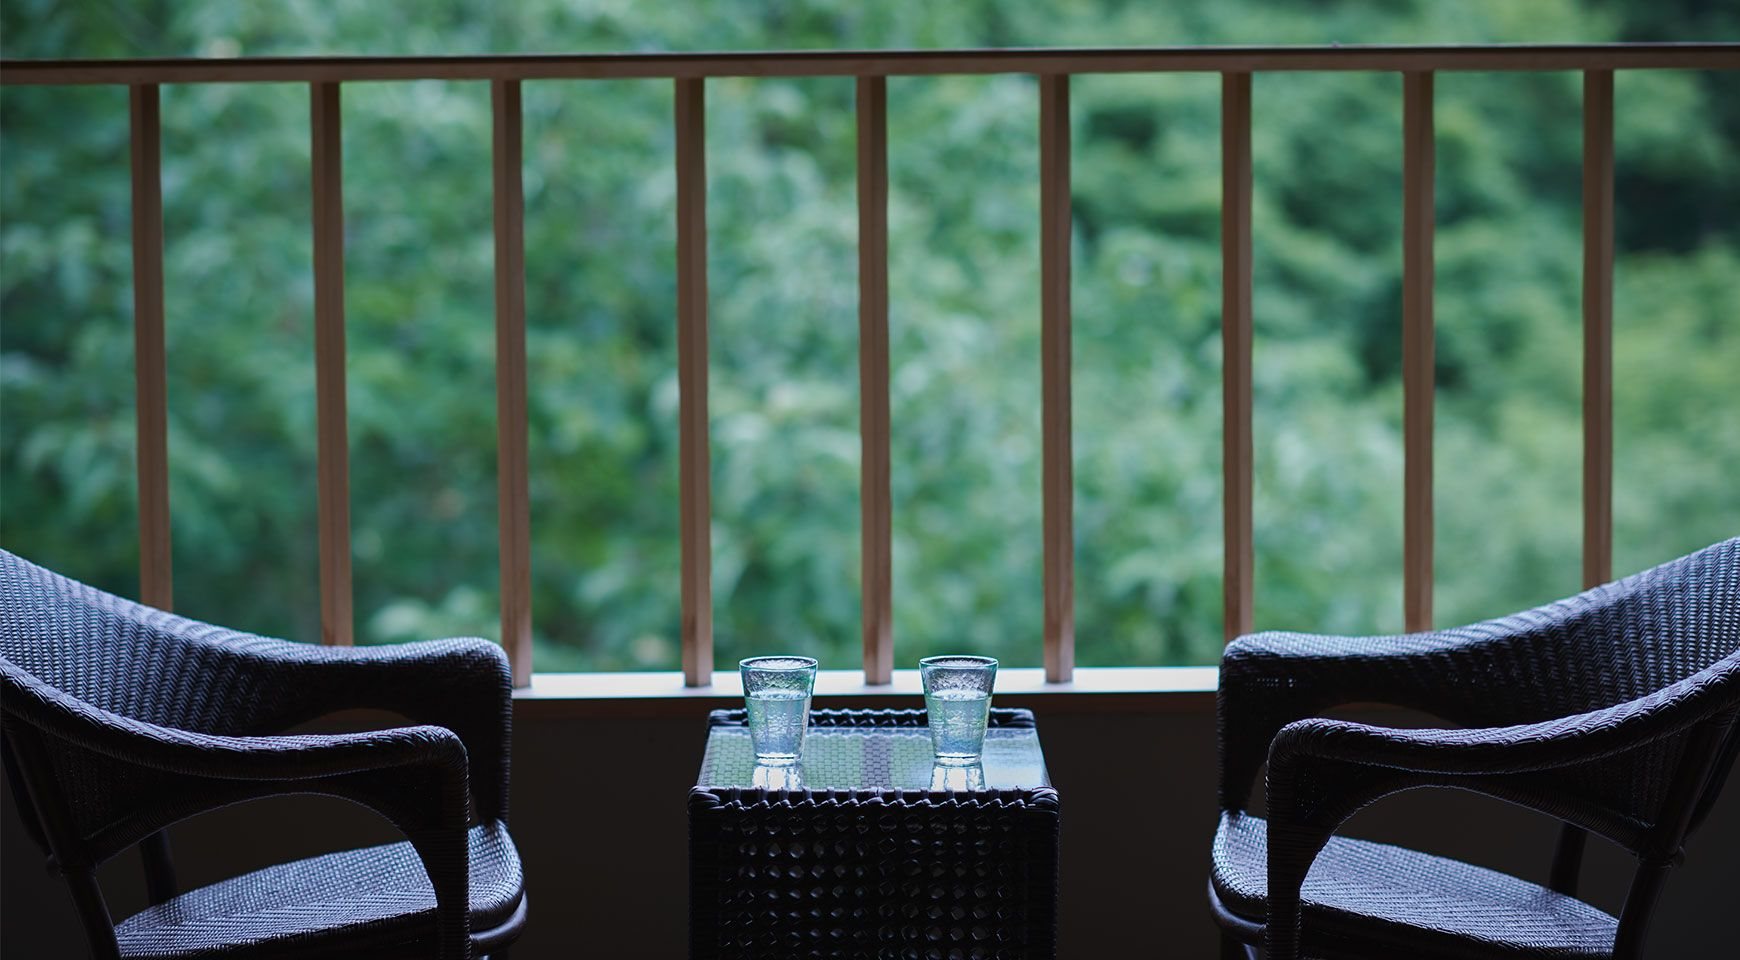 長栄館 岩手県雫石の旅館 鴬宿温泉源泉掛け流しの宿 日本デザインセンター 旅館 デザイン